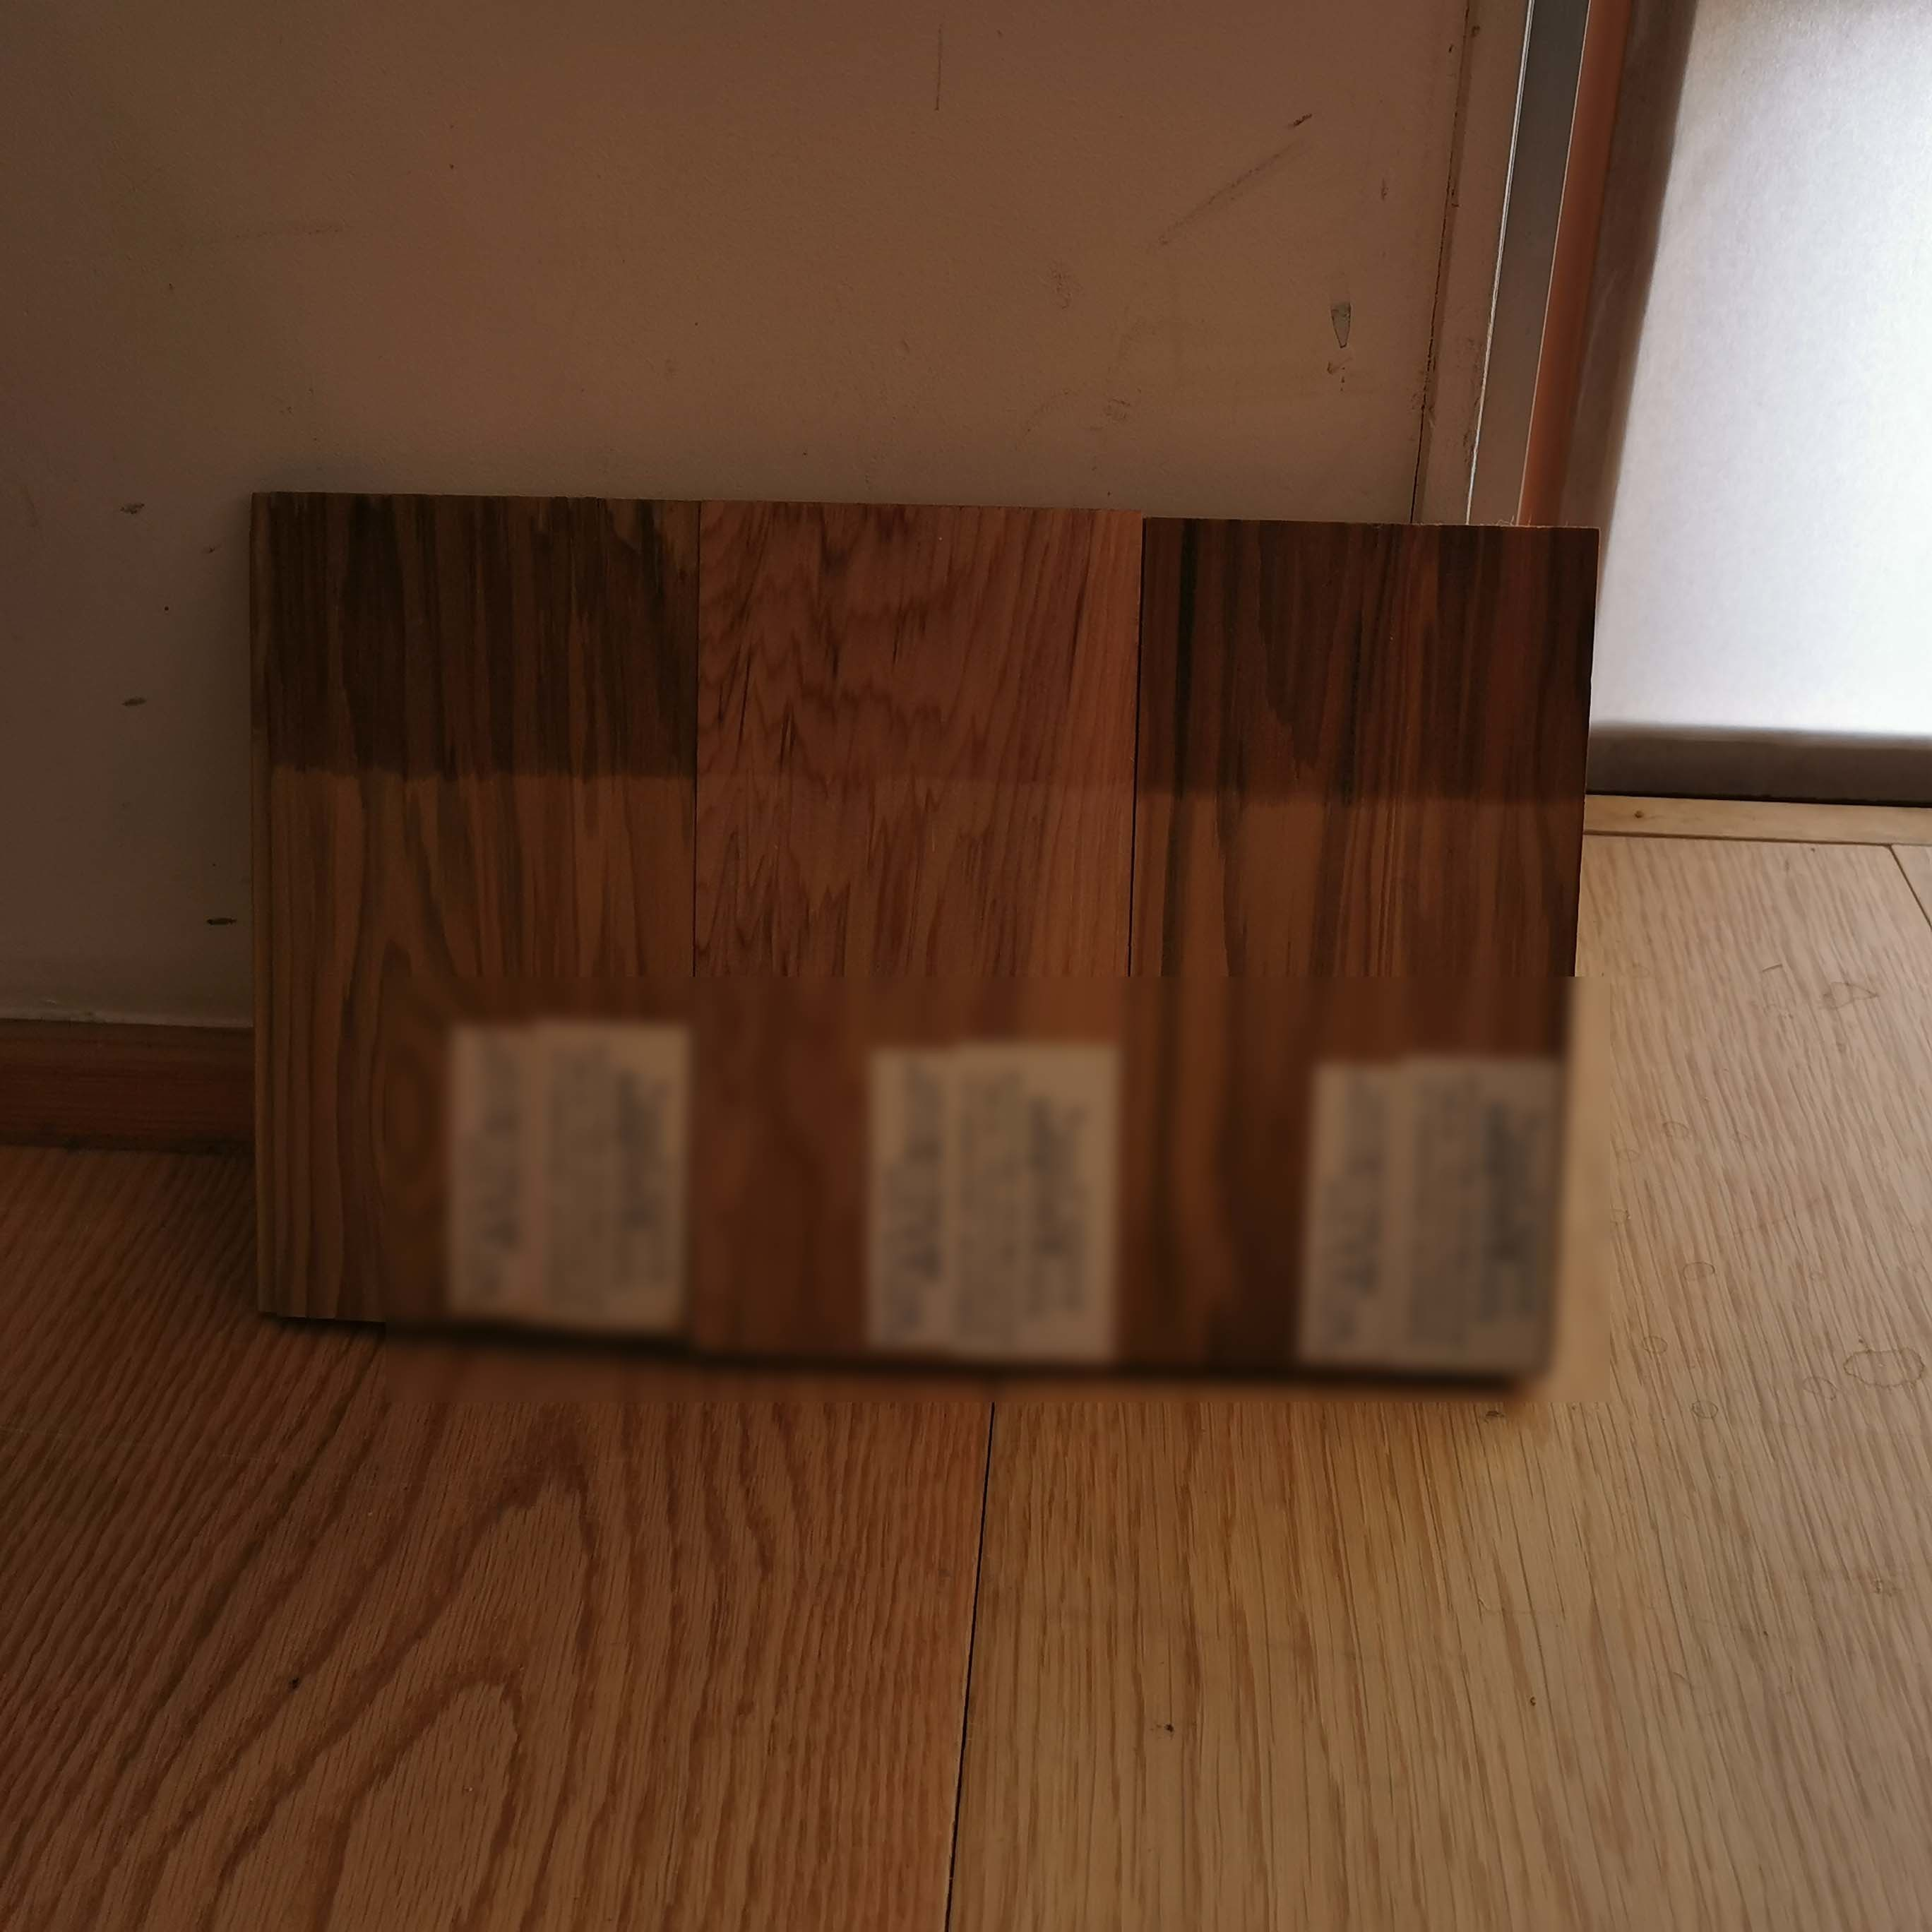 木のサンプルを取って、見比べているが・・_f0057011_15170624.jpg